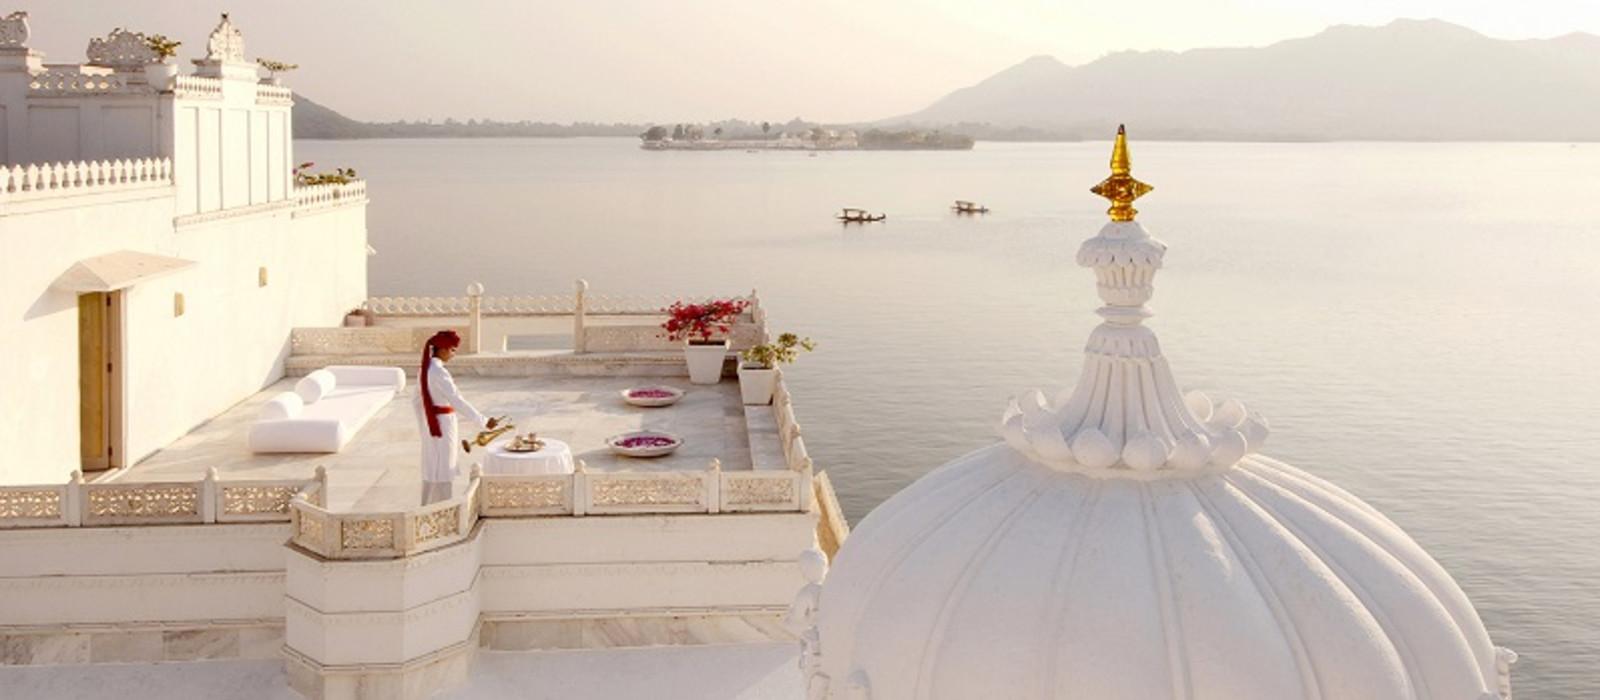 Luxusreise Nordindien Urlaub 1